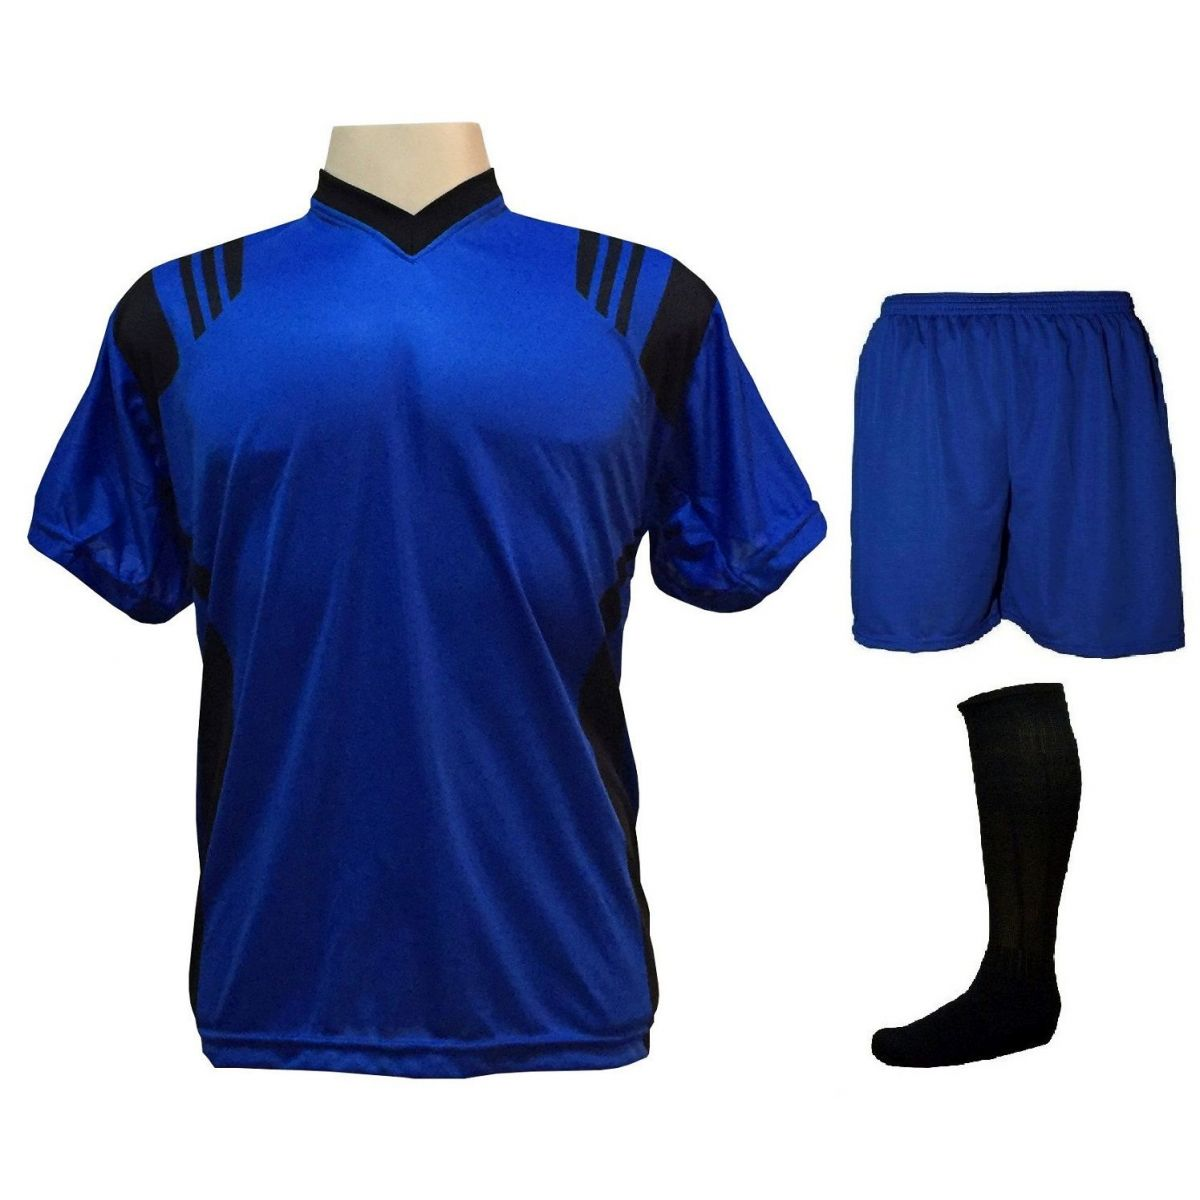 Uniforme Esportivo com 12 Camisas modelo Roma Royal/Preto + 12 Calções modelo Madrid Royal + 12 Pares de meiões Preto   - ESTAÇÃO DO ESPORTE